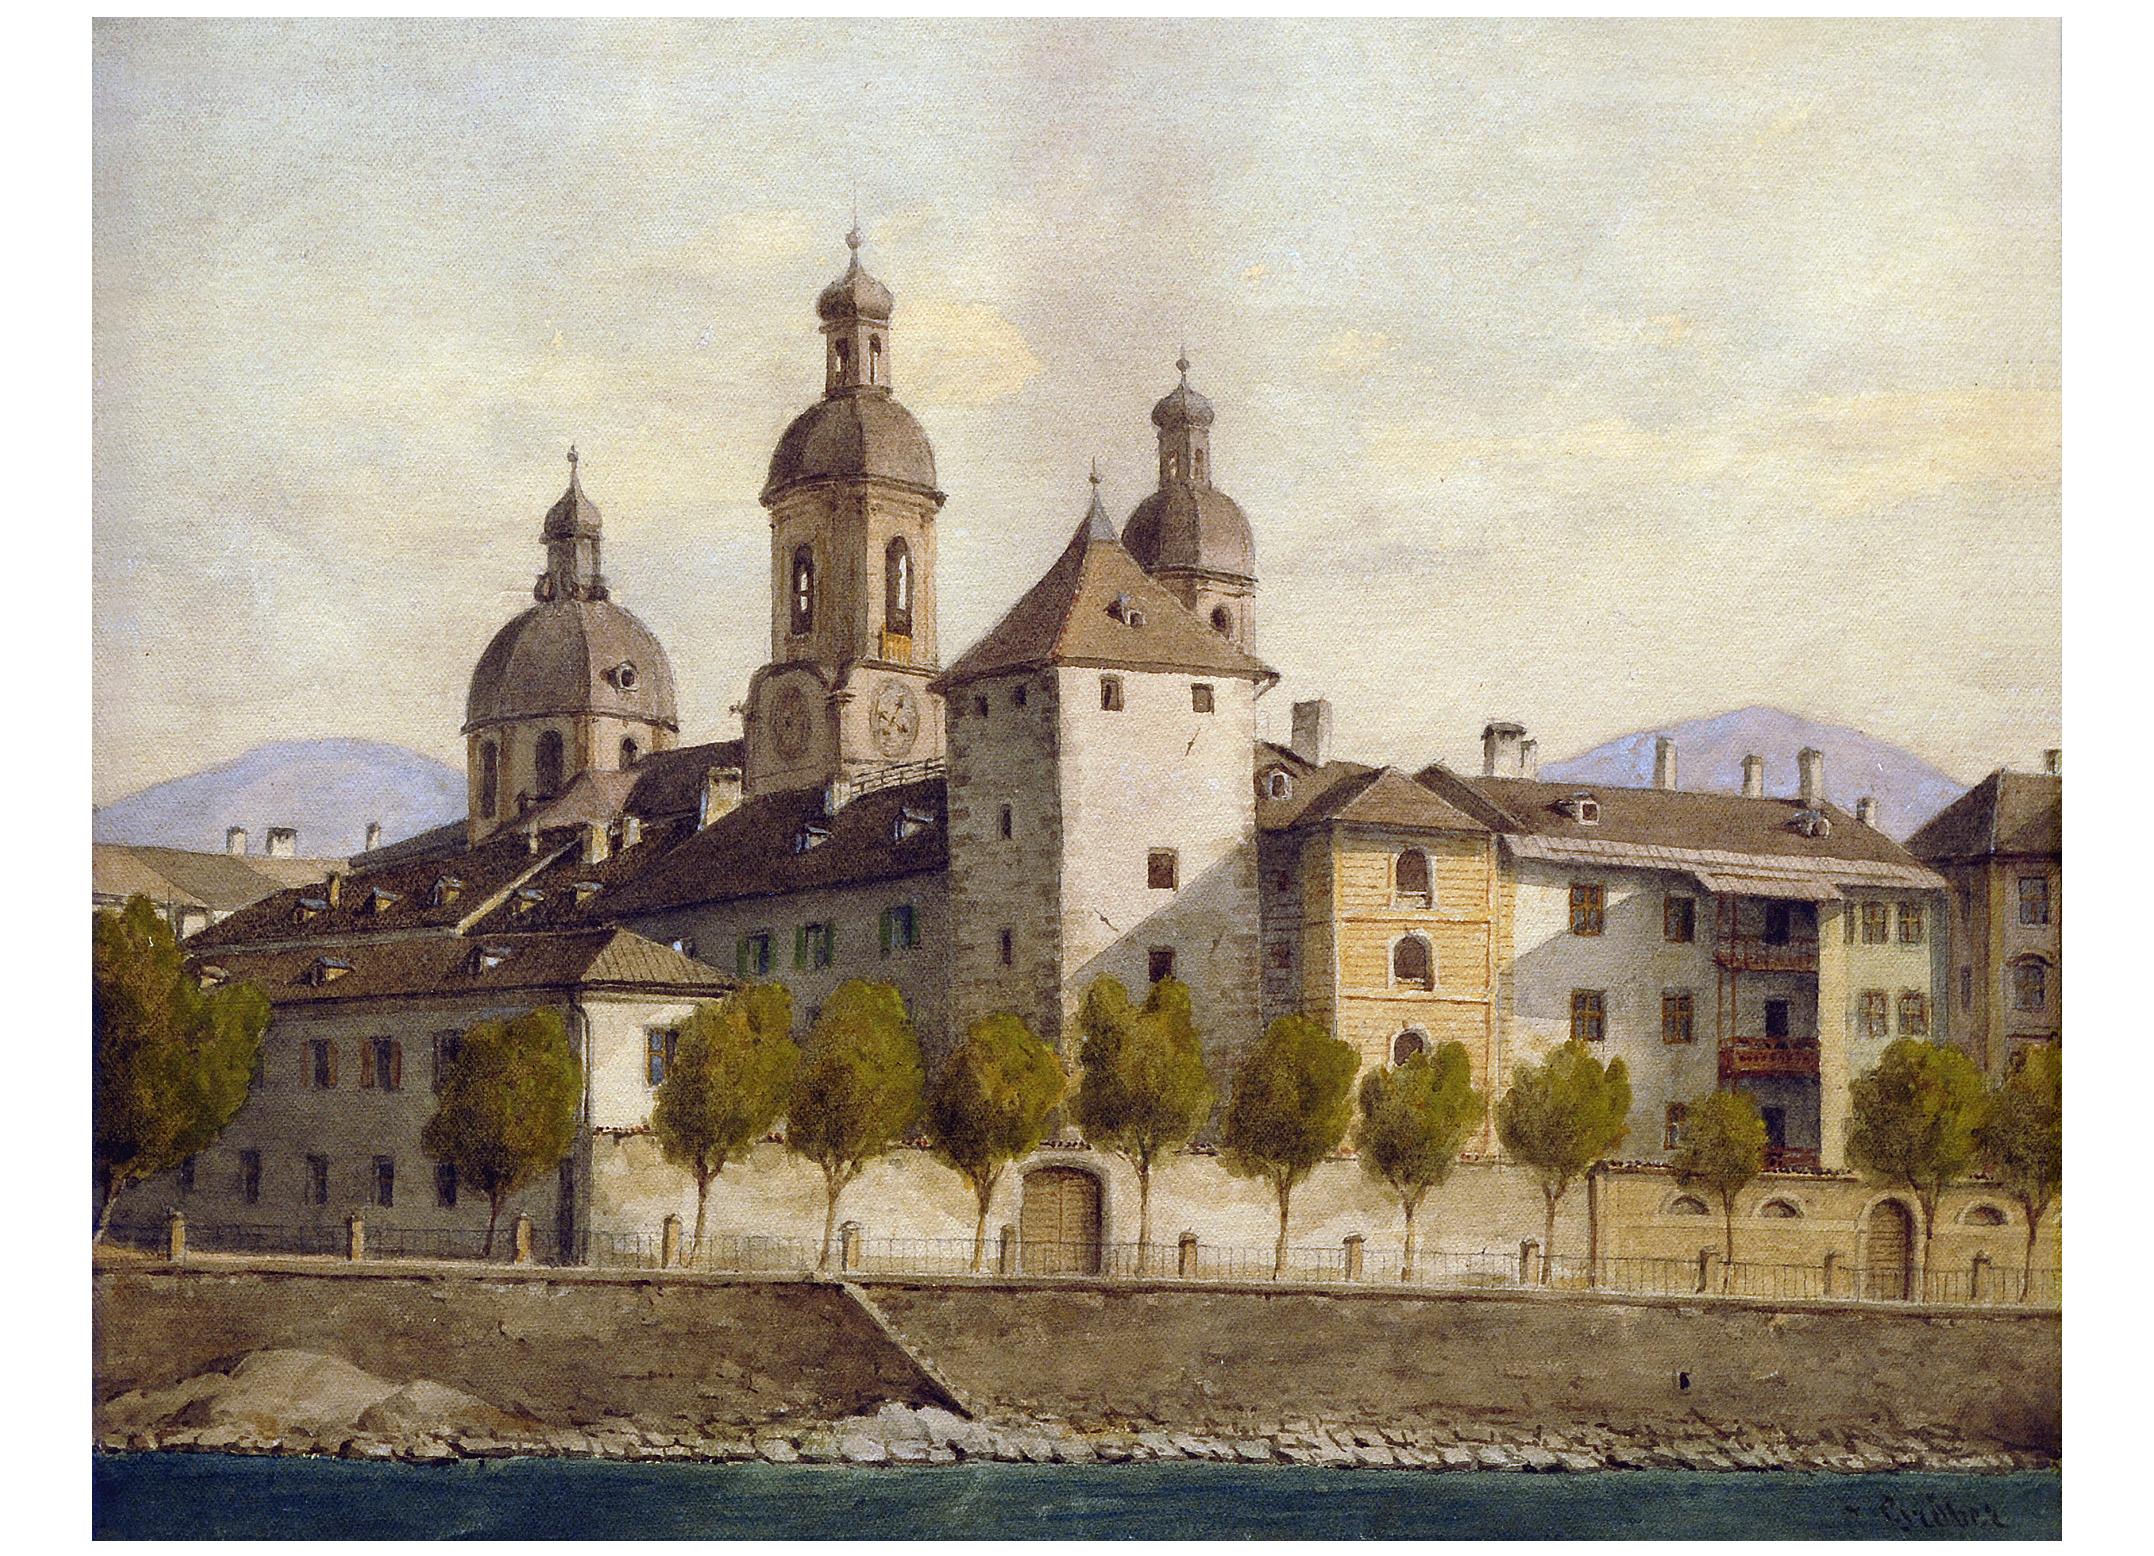 Blick Ins 19. Jahrhundert – IV